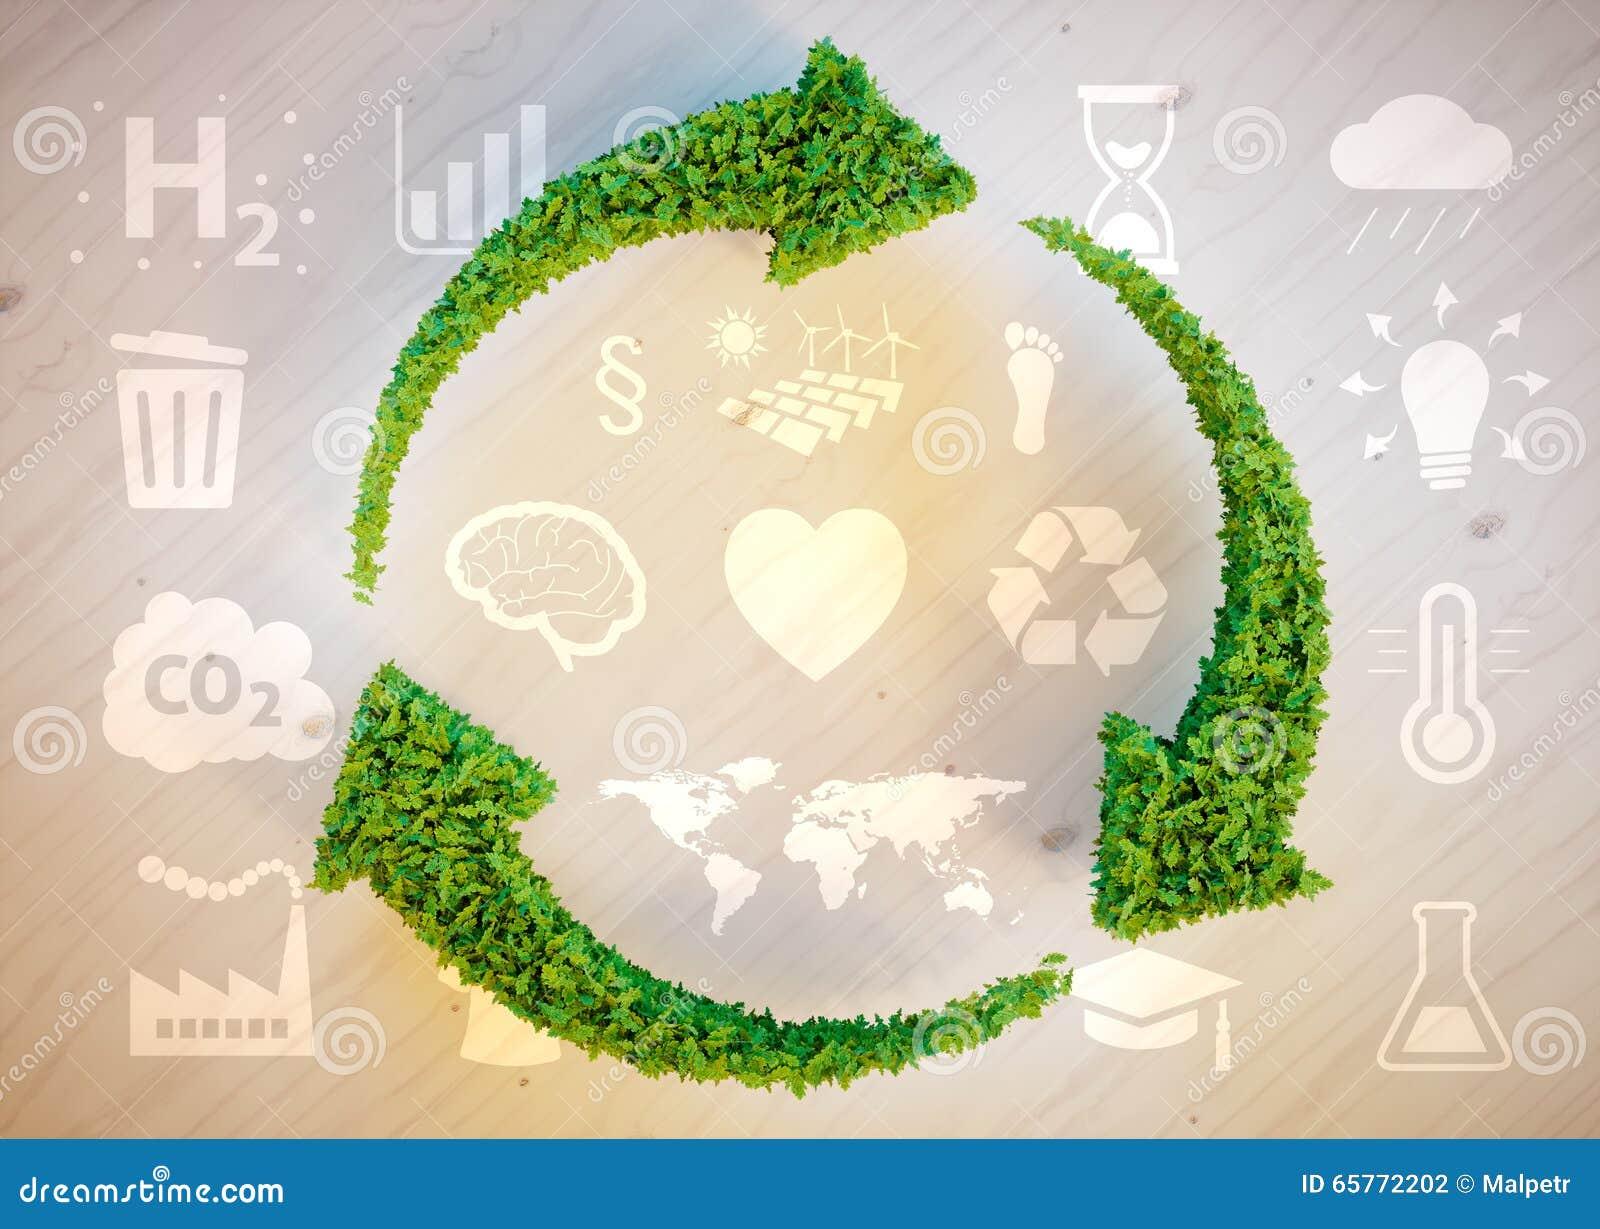 Conceito do desenvolvimento sustentável